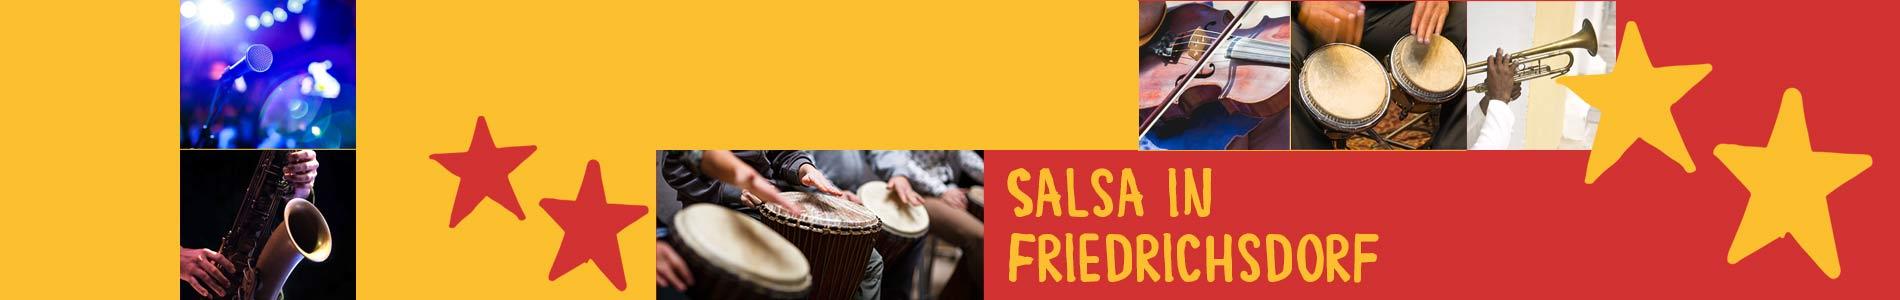 Salsa in Friedrichsdorf – Salsa lernen und tanzen, Tanzkurse, Partys, Veranstaltungen